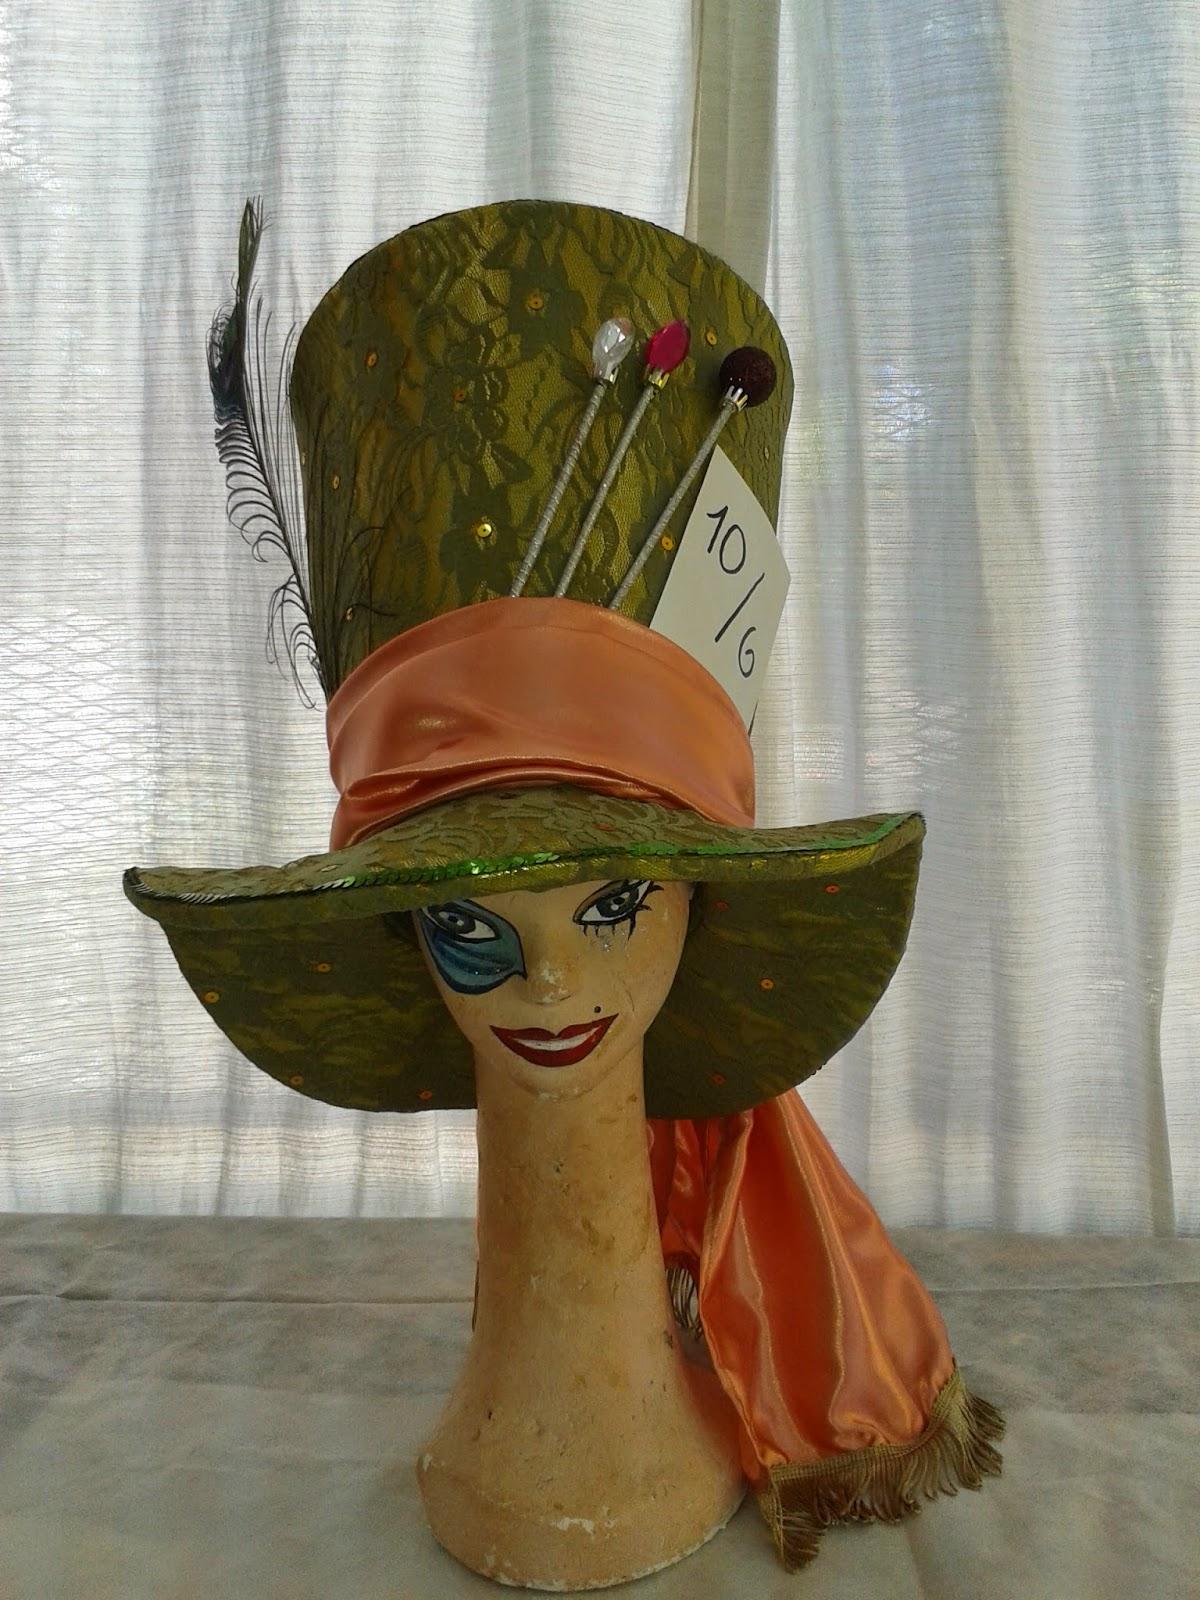 Gorro en goma espuma forrado en tela de Sombrero Loco (Alice in Wonderland) 86c581b3e03